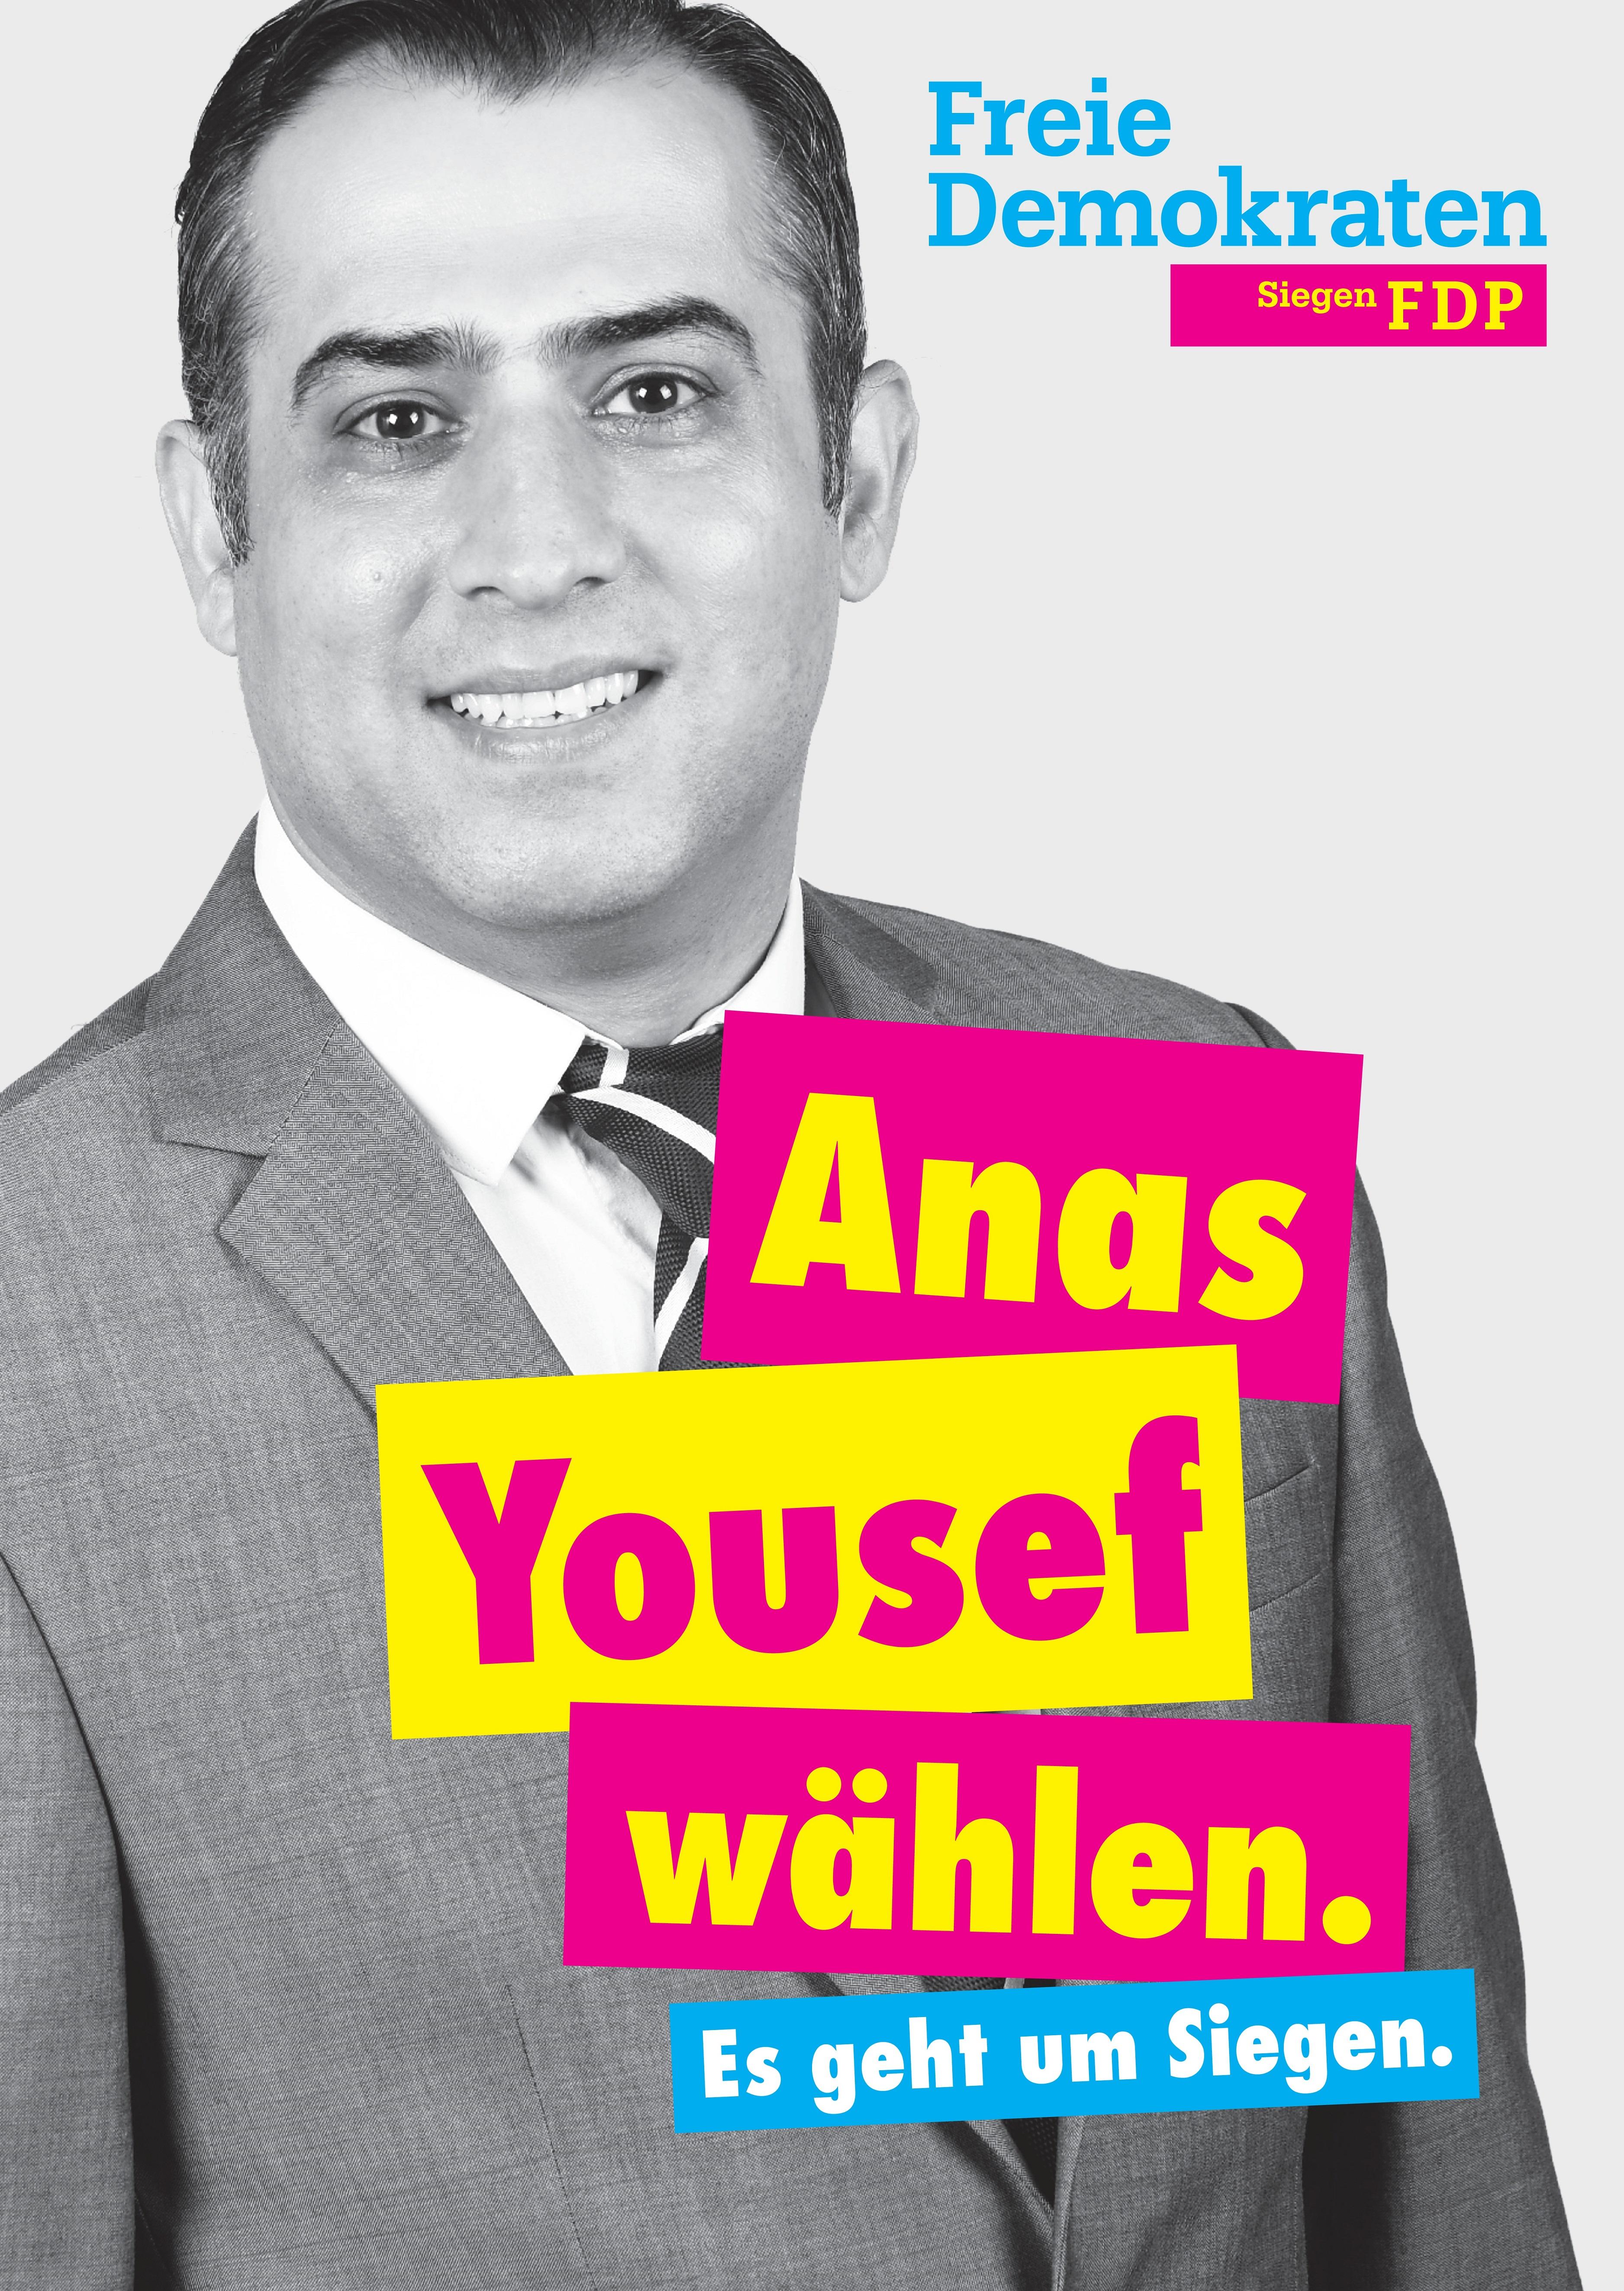 Anas Yousef